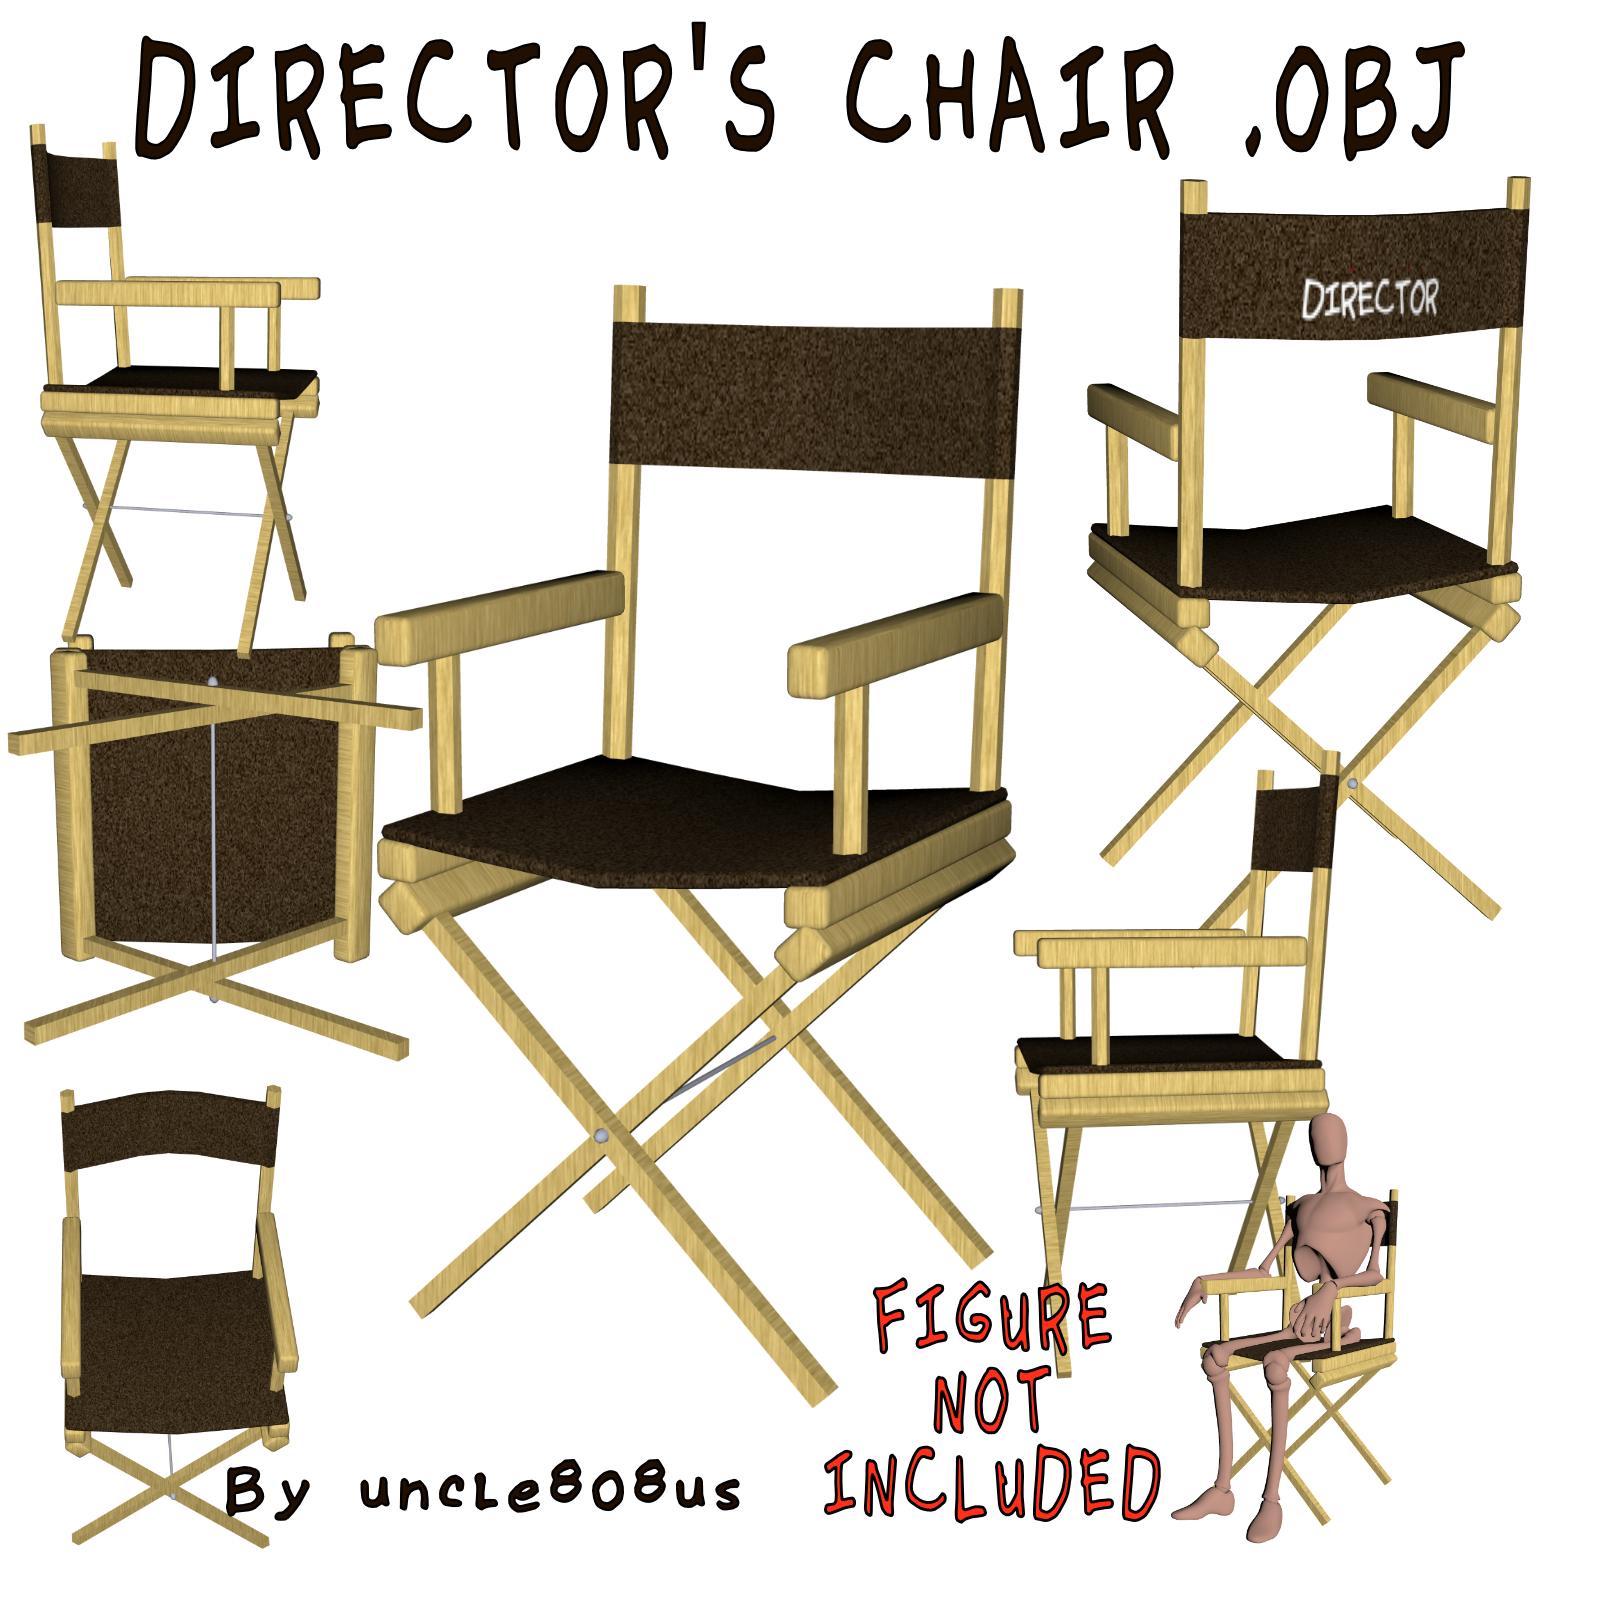 директорот стол 3d објект 3d модел други обј 274163